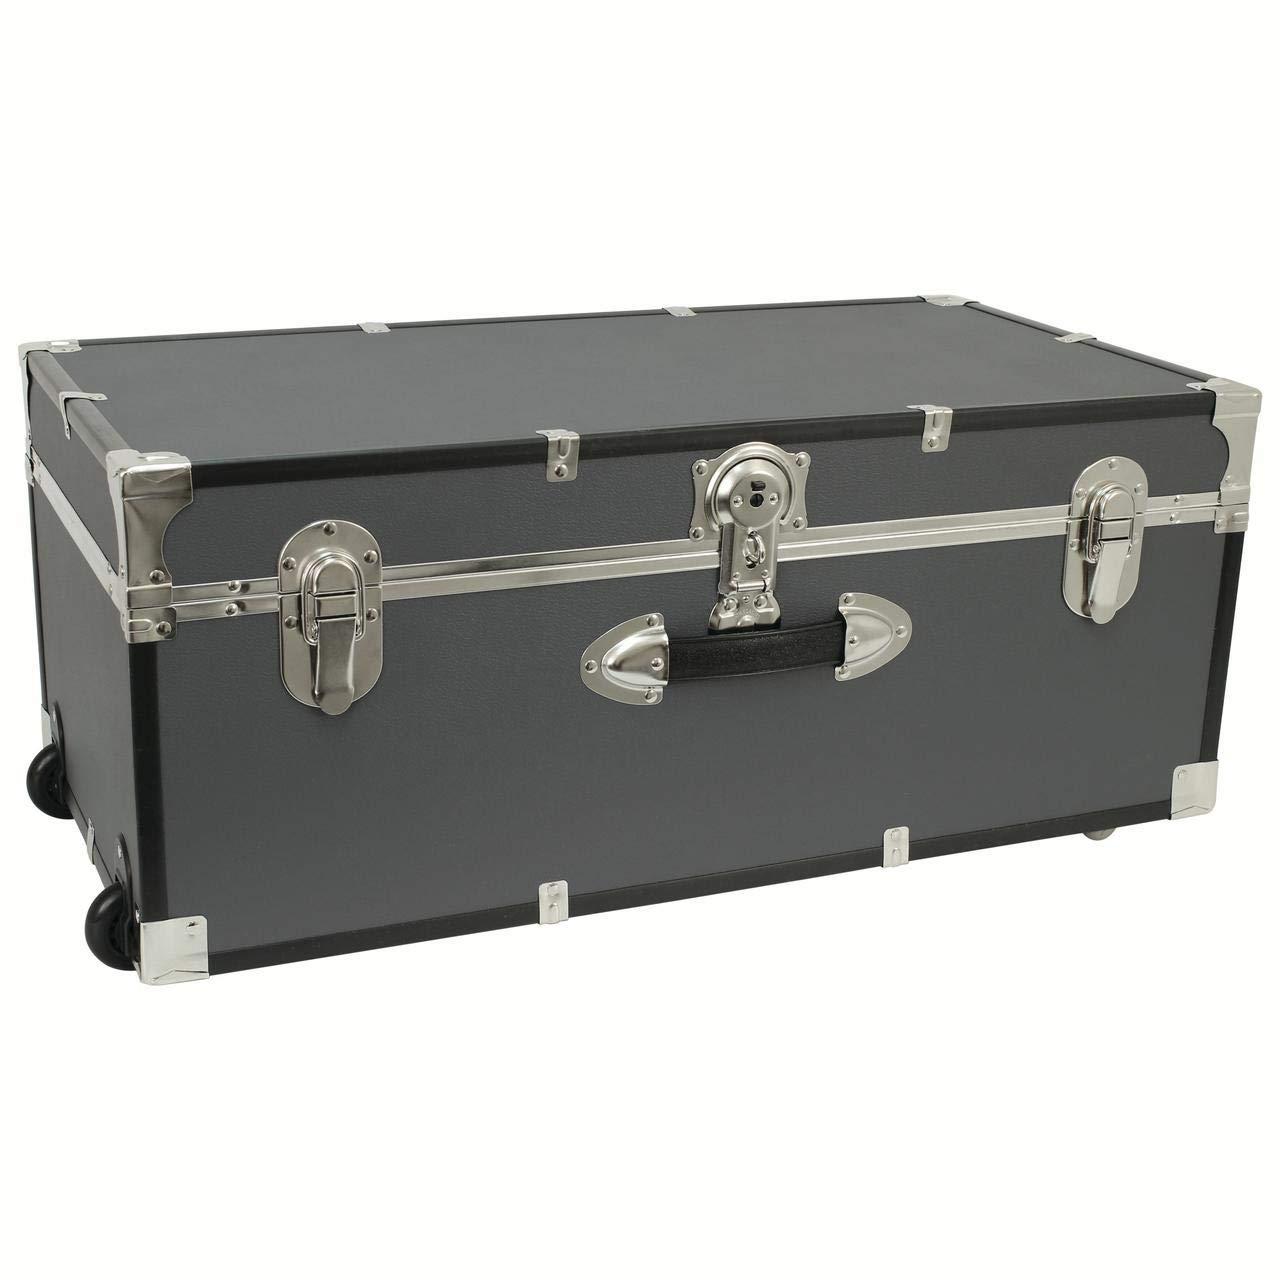 Seward Trunk 30-inch Footlocker Trunk with Wheels Grey (Gray) by Seward Trunk